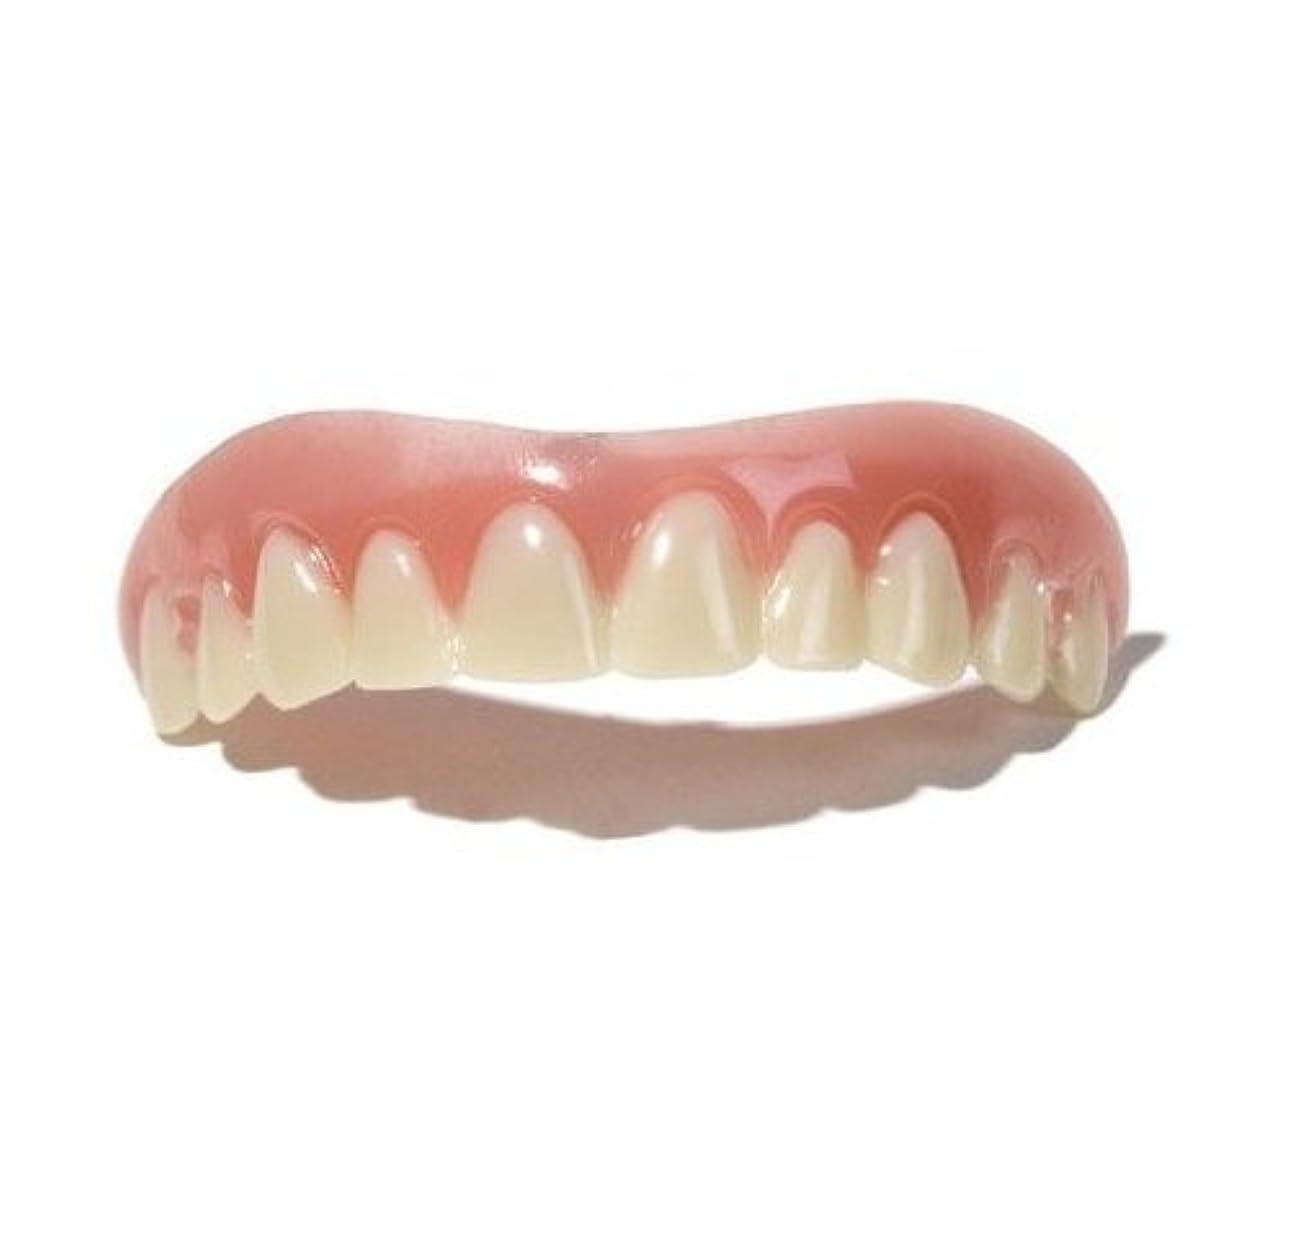 草考古学的な昨日インスタント 美容 つけ歯 上歯(free size (Medium)) [並行輸入品]